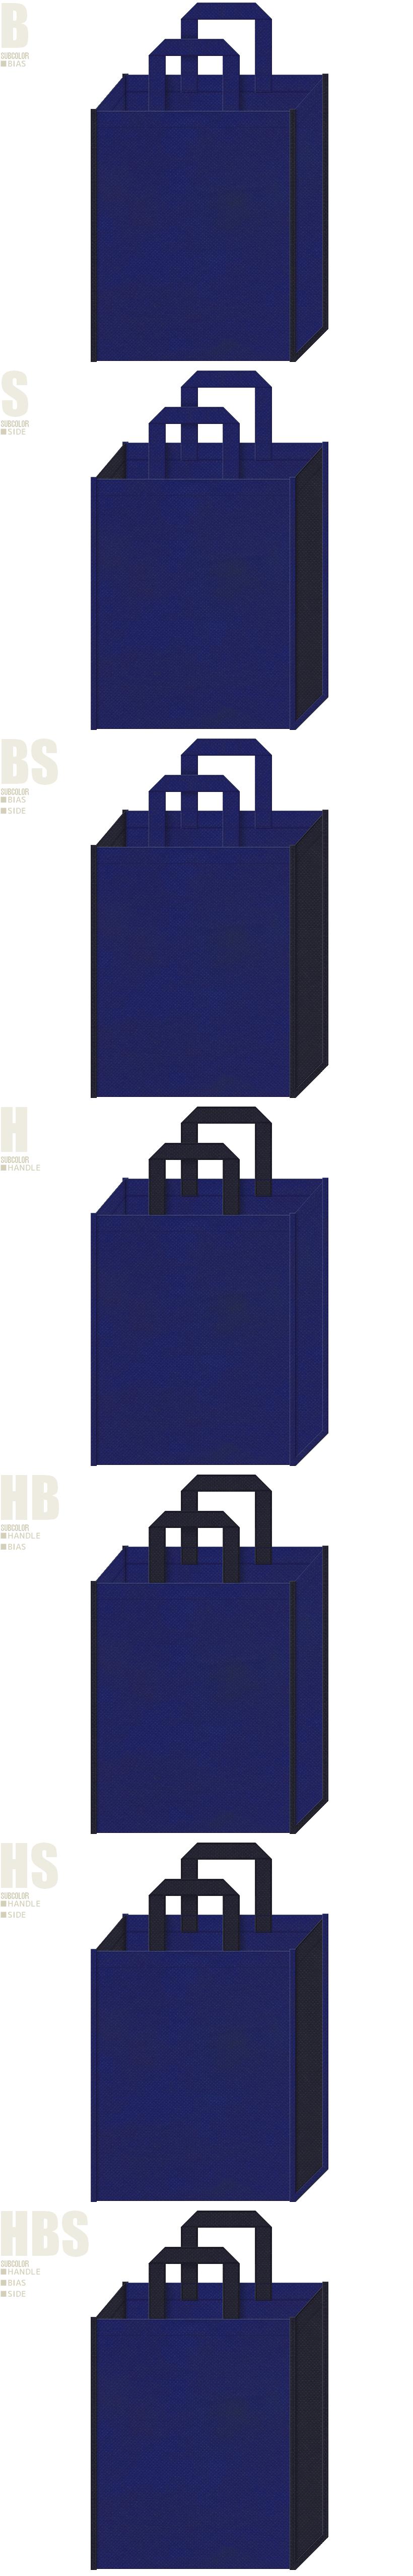 ホラーゲームのバッグノベルティにお奨めの、紺紫色と濃紺色-7パターンの不織布トートバッグ配色デザイン例